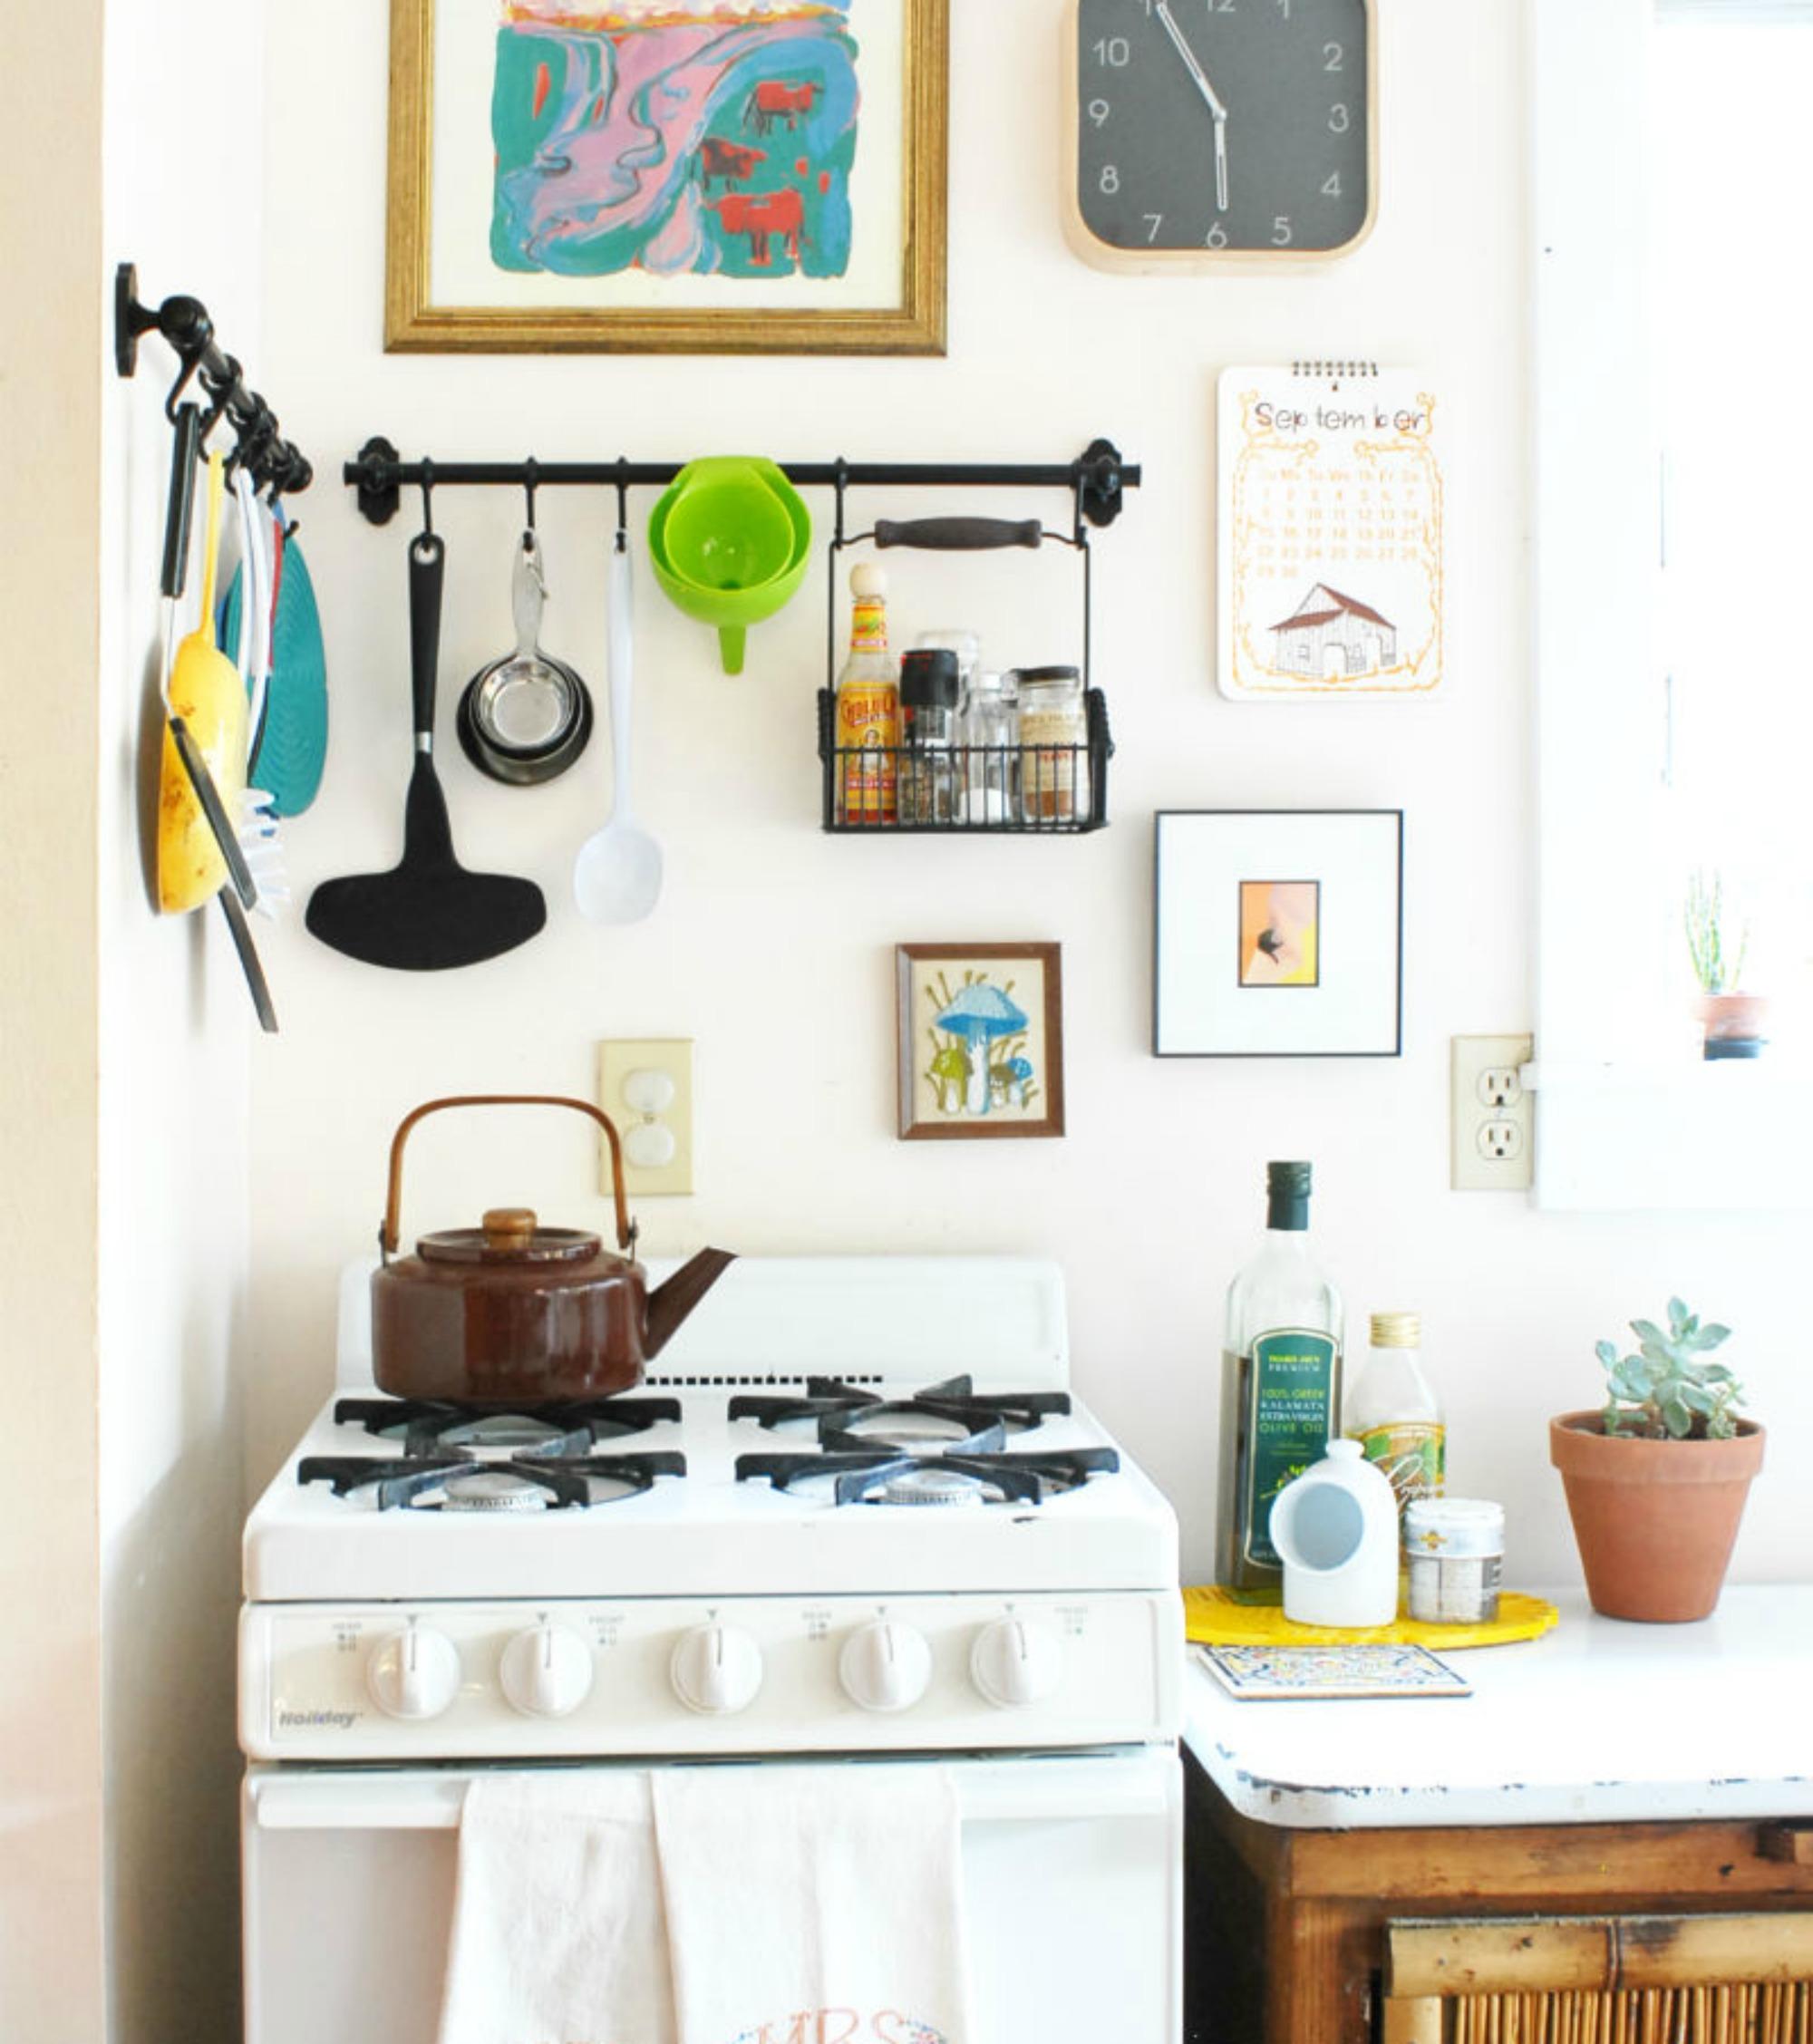 Δώστε στην κουζίνα σας προσωπικότητα.